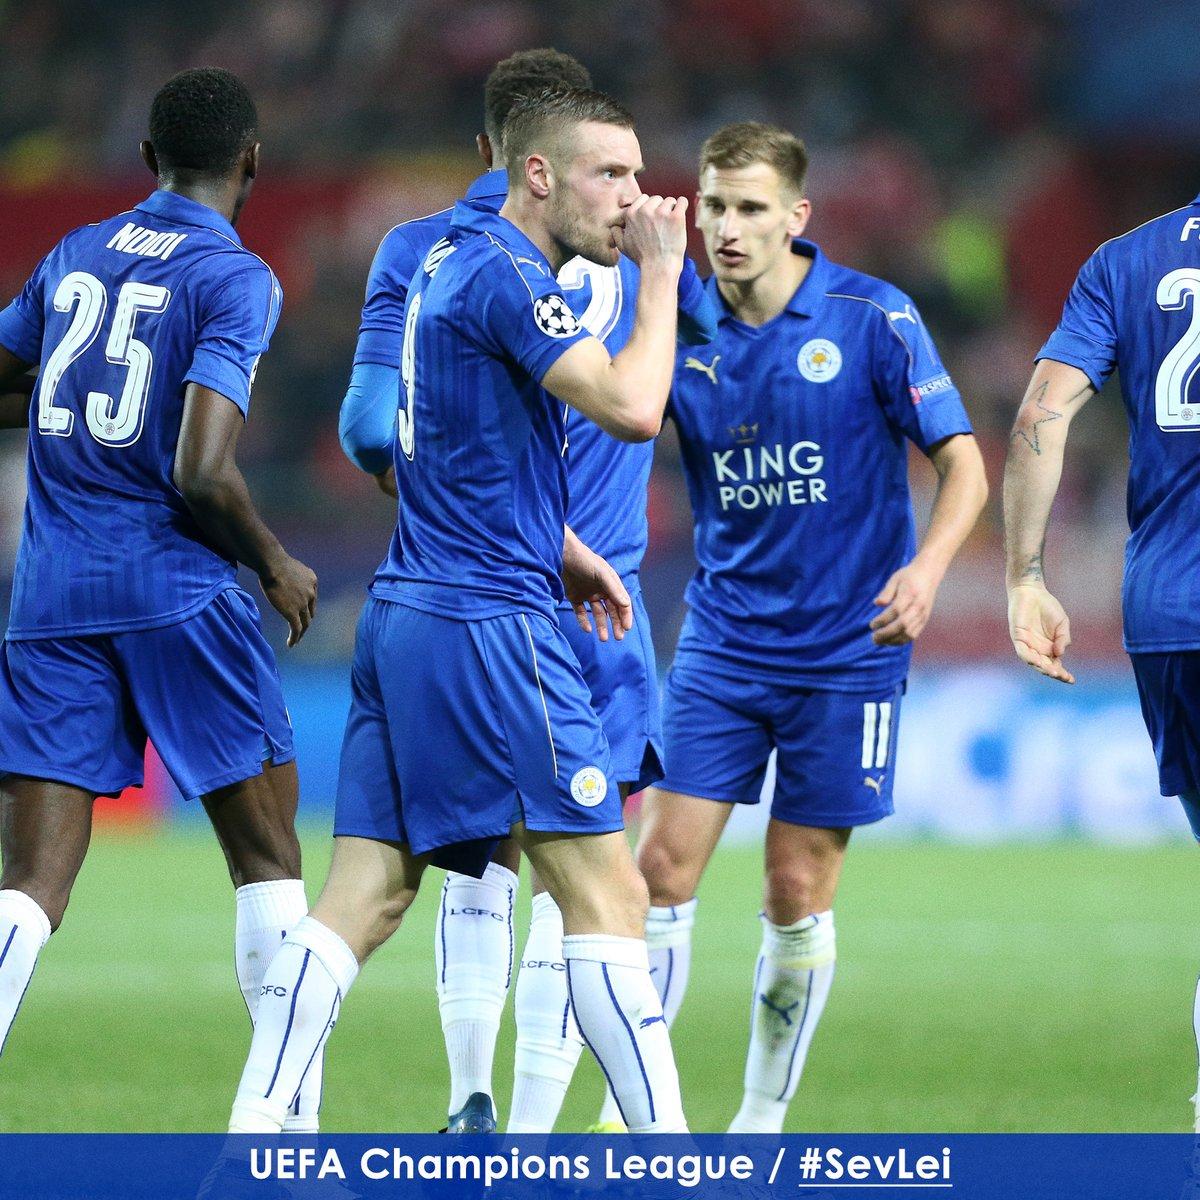 Leicester City Sevilla